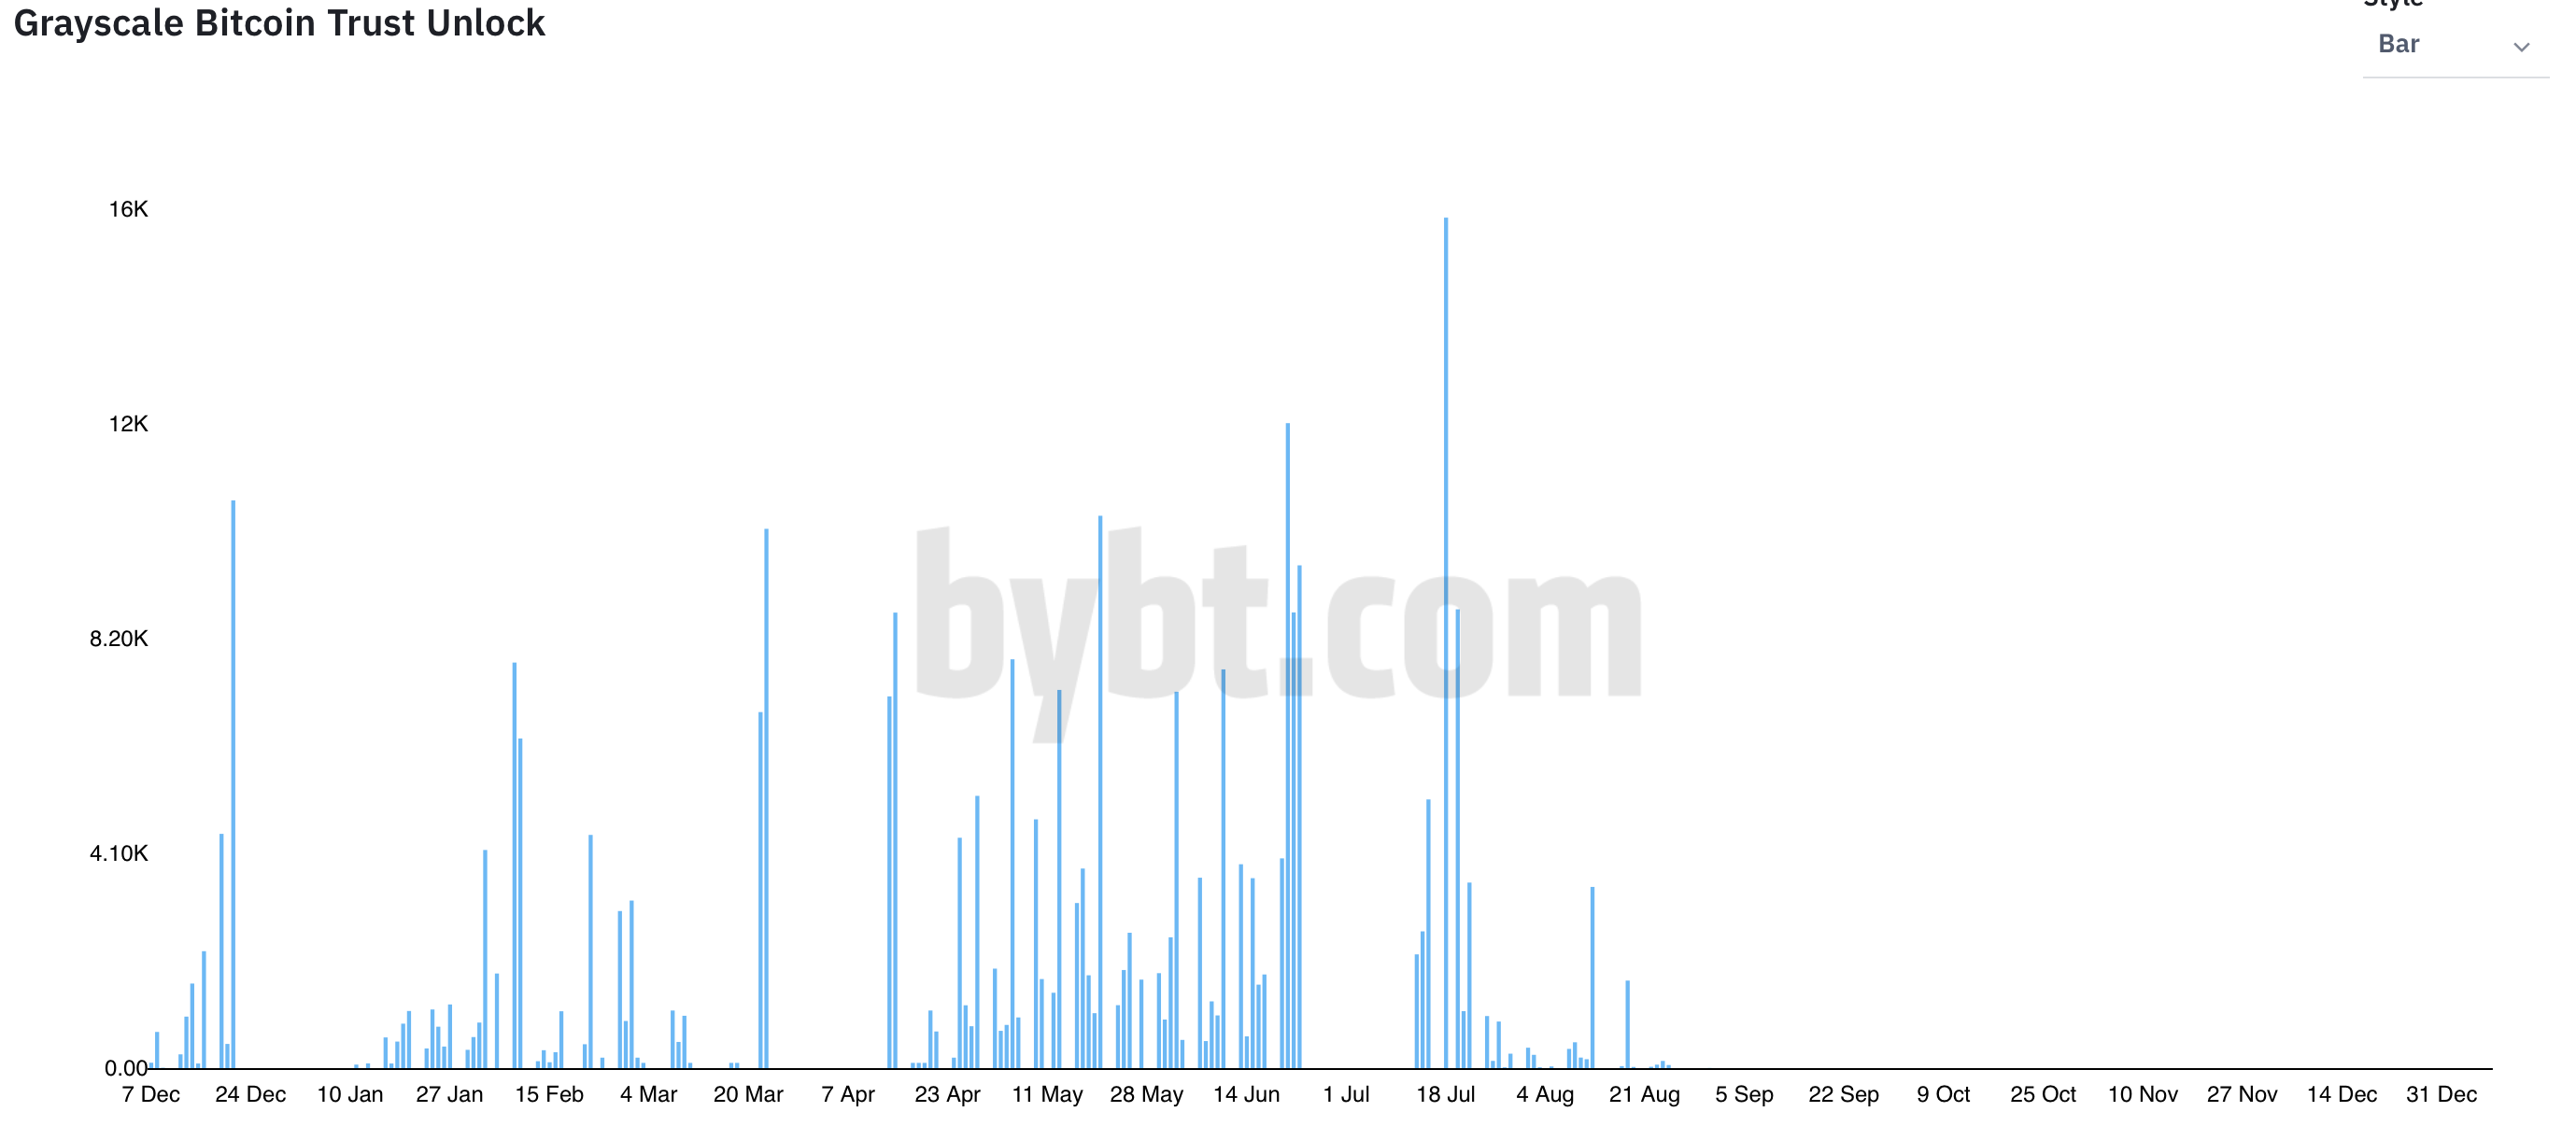 GBTCロック解除:ビットコインの市場にどのように影響しますか